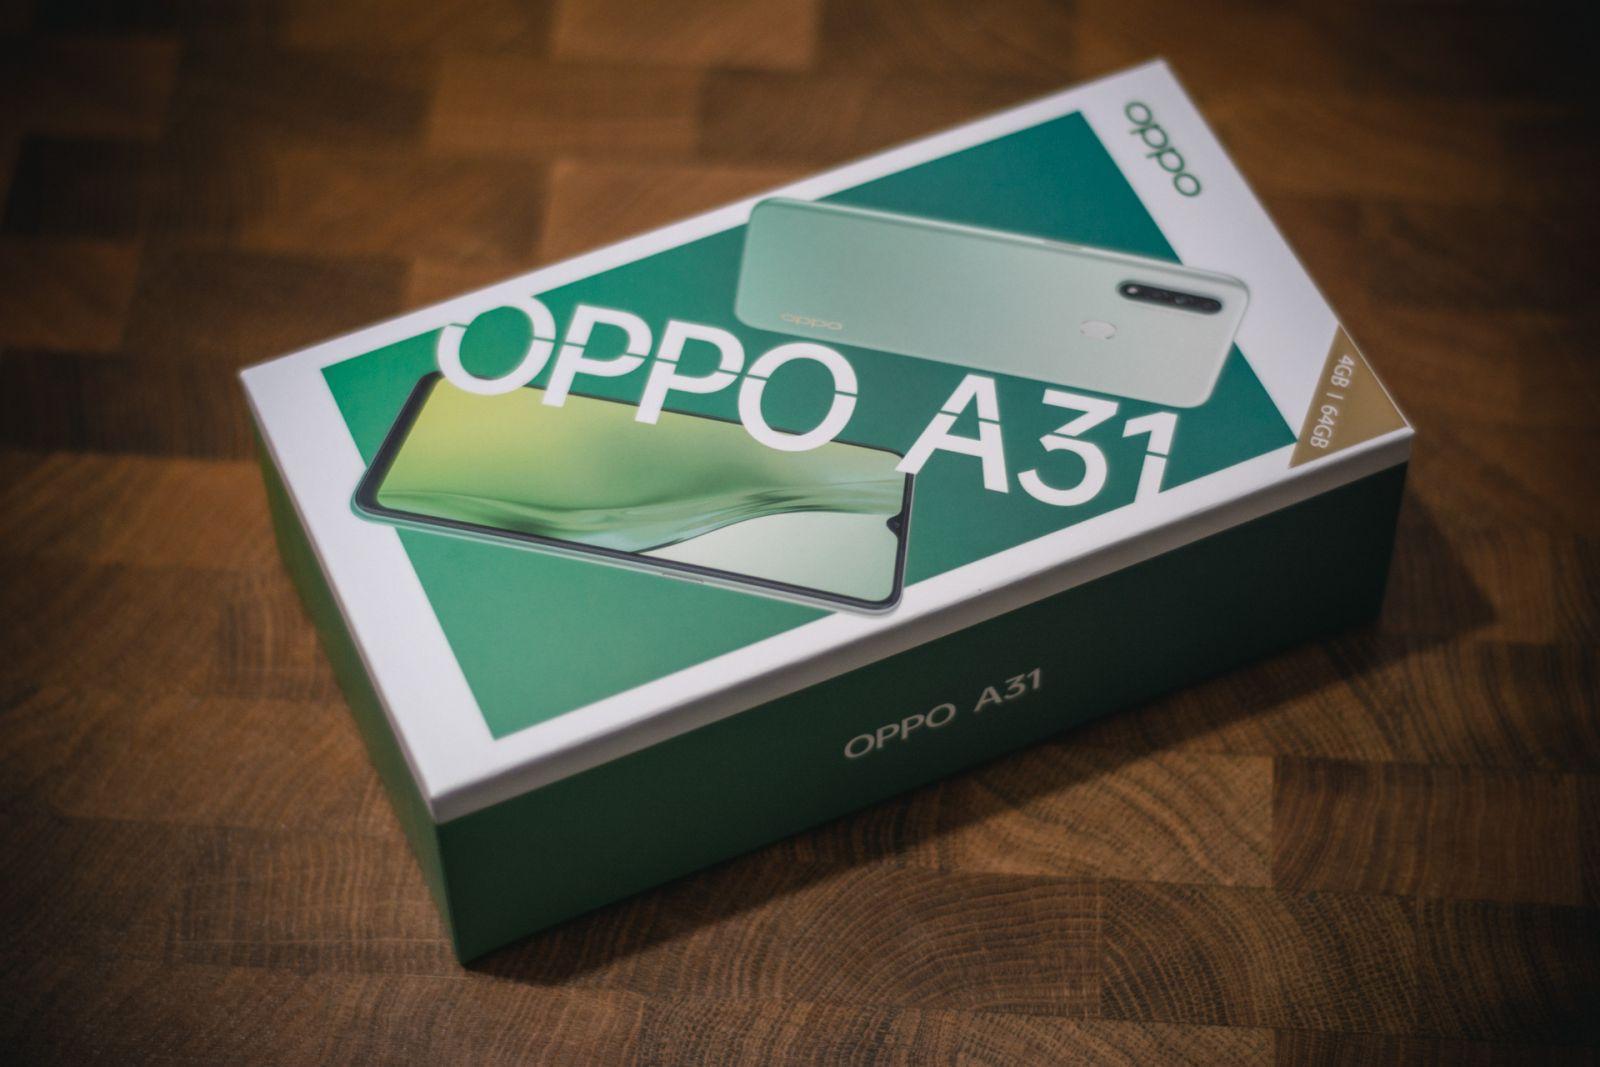 Обзор смартфона OPPO A31: бюджетный красавец (dsc 8742)